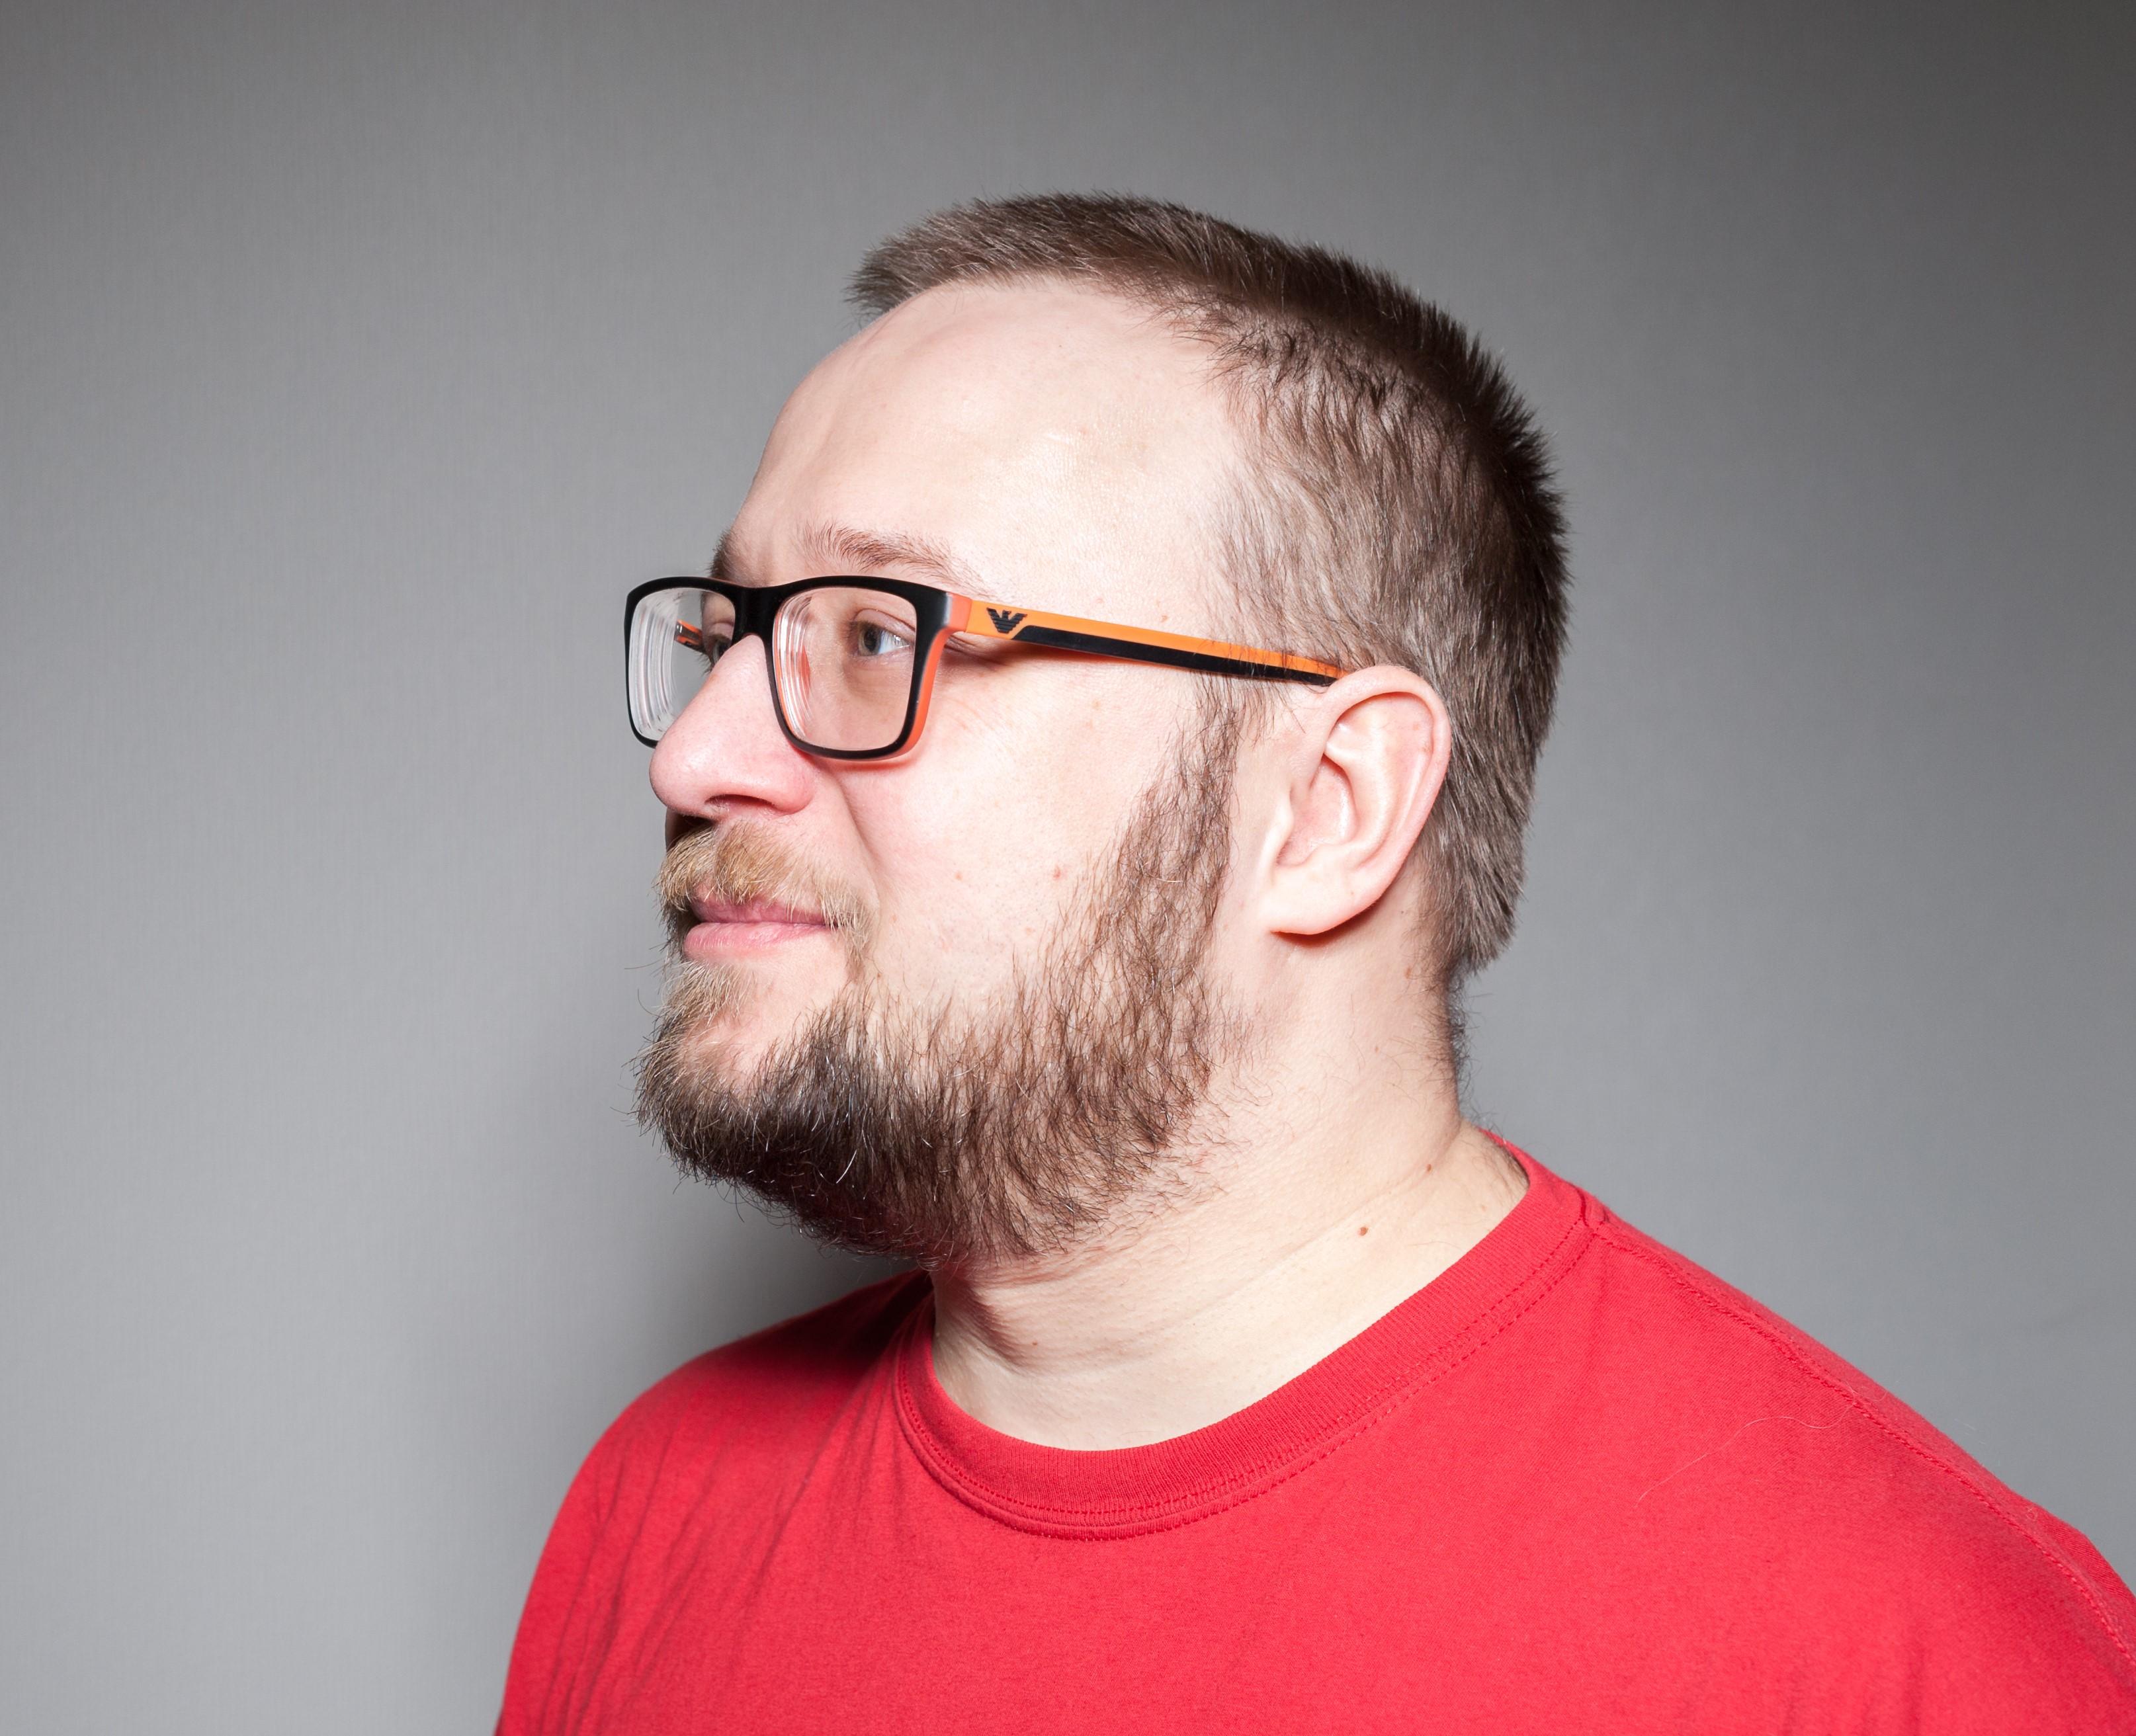 Marek Młodożeniec, Product Analyst